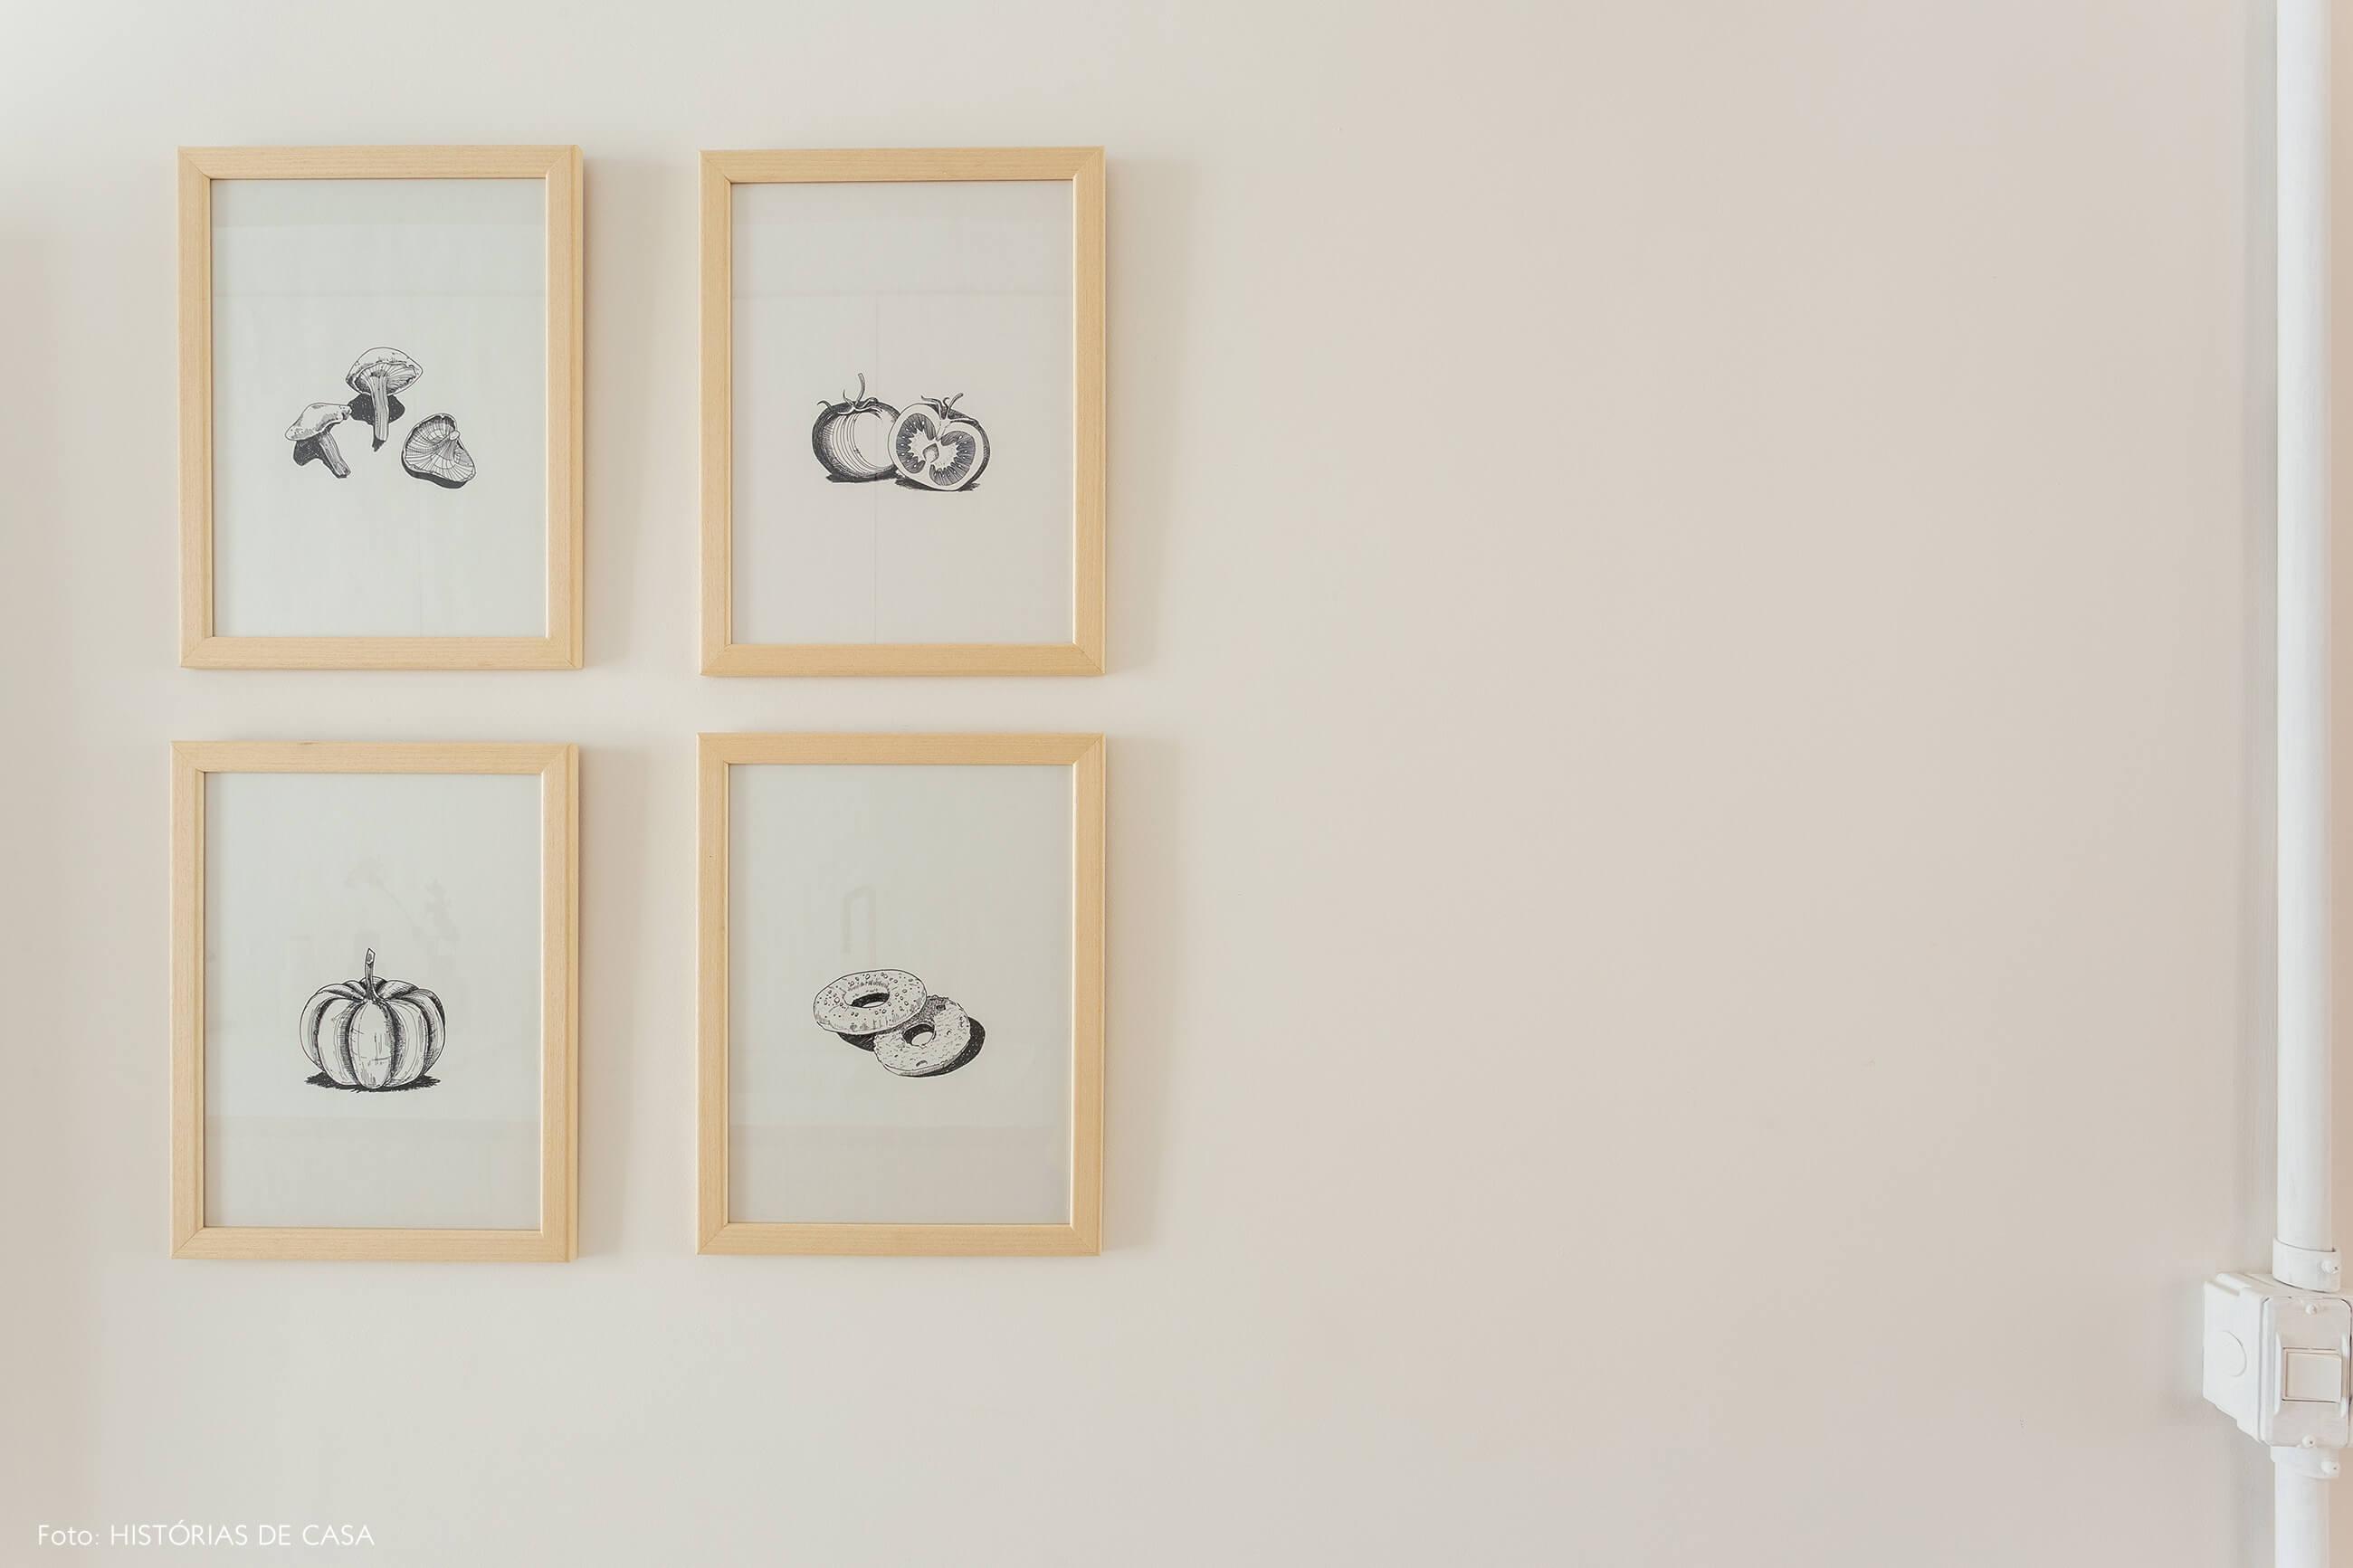 Gravuras em preto e branco na parede da cozinha